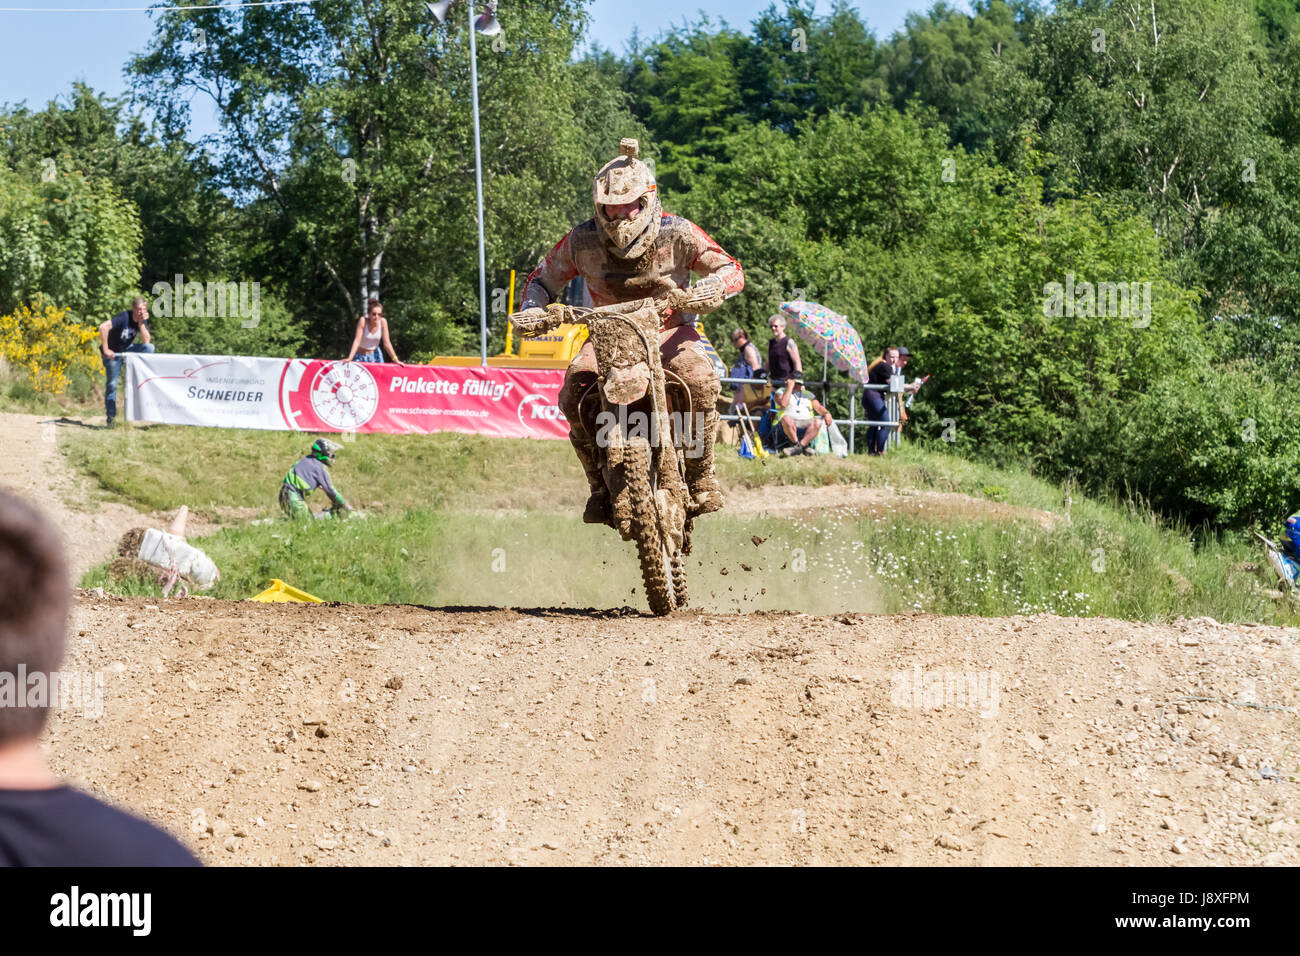 Motocross Kleinhau - 2nd heat Junior DAM Meisterschaft - 27th of May 2017 - Kleinhau, Hürtgen, North Rhine - Stock Image